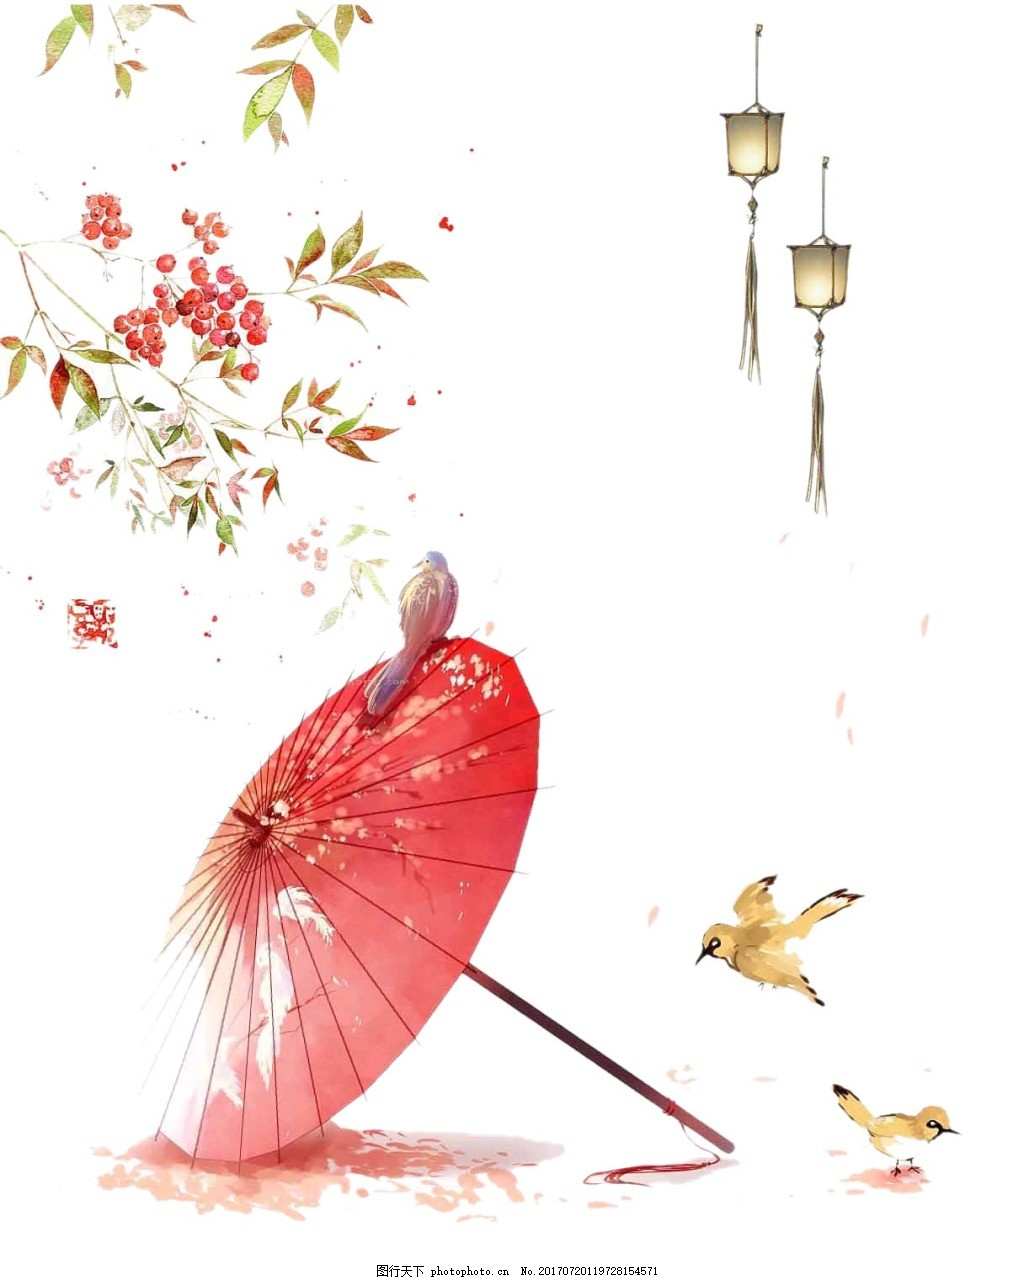 手绘油纸伞黄鹂元素 中国风 水墨画 绿叶 花朵 红色油纸伞 免抠